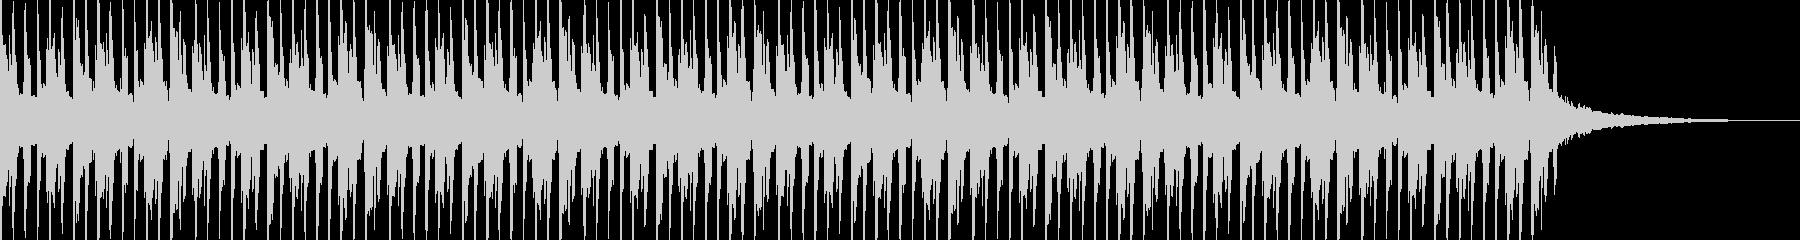 エレピが印象的なジャジーヒップホップの未再生の波形